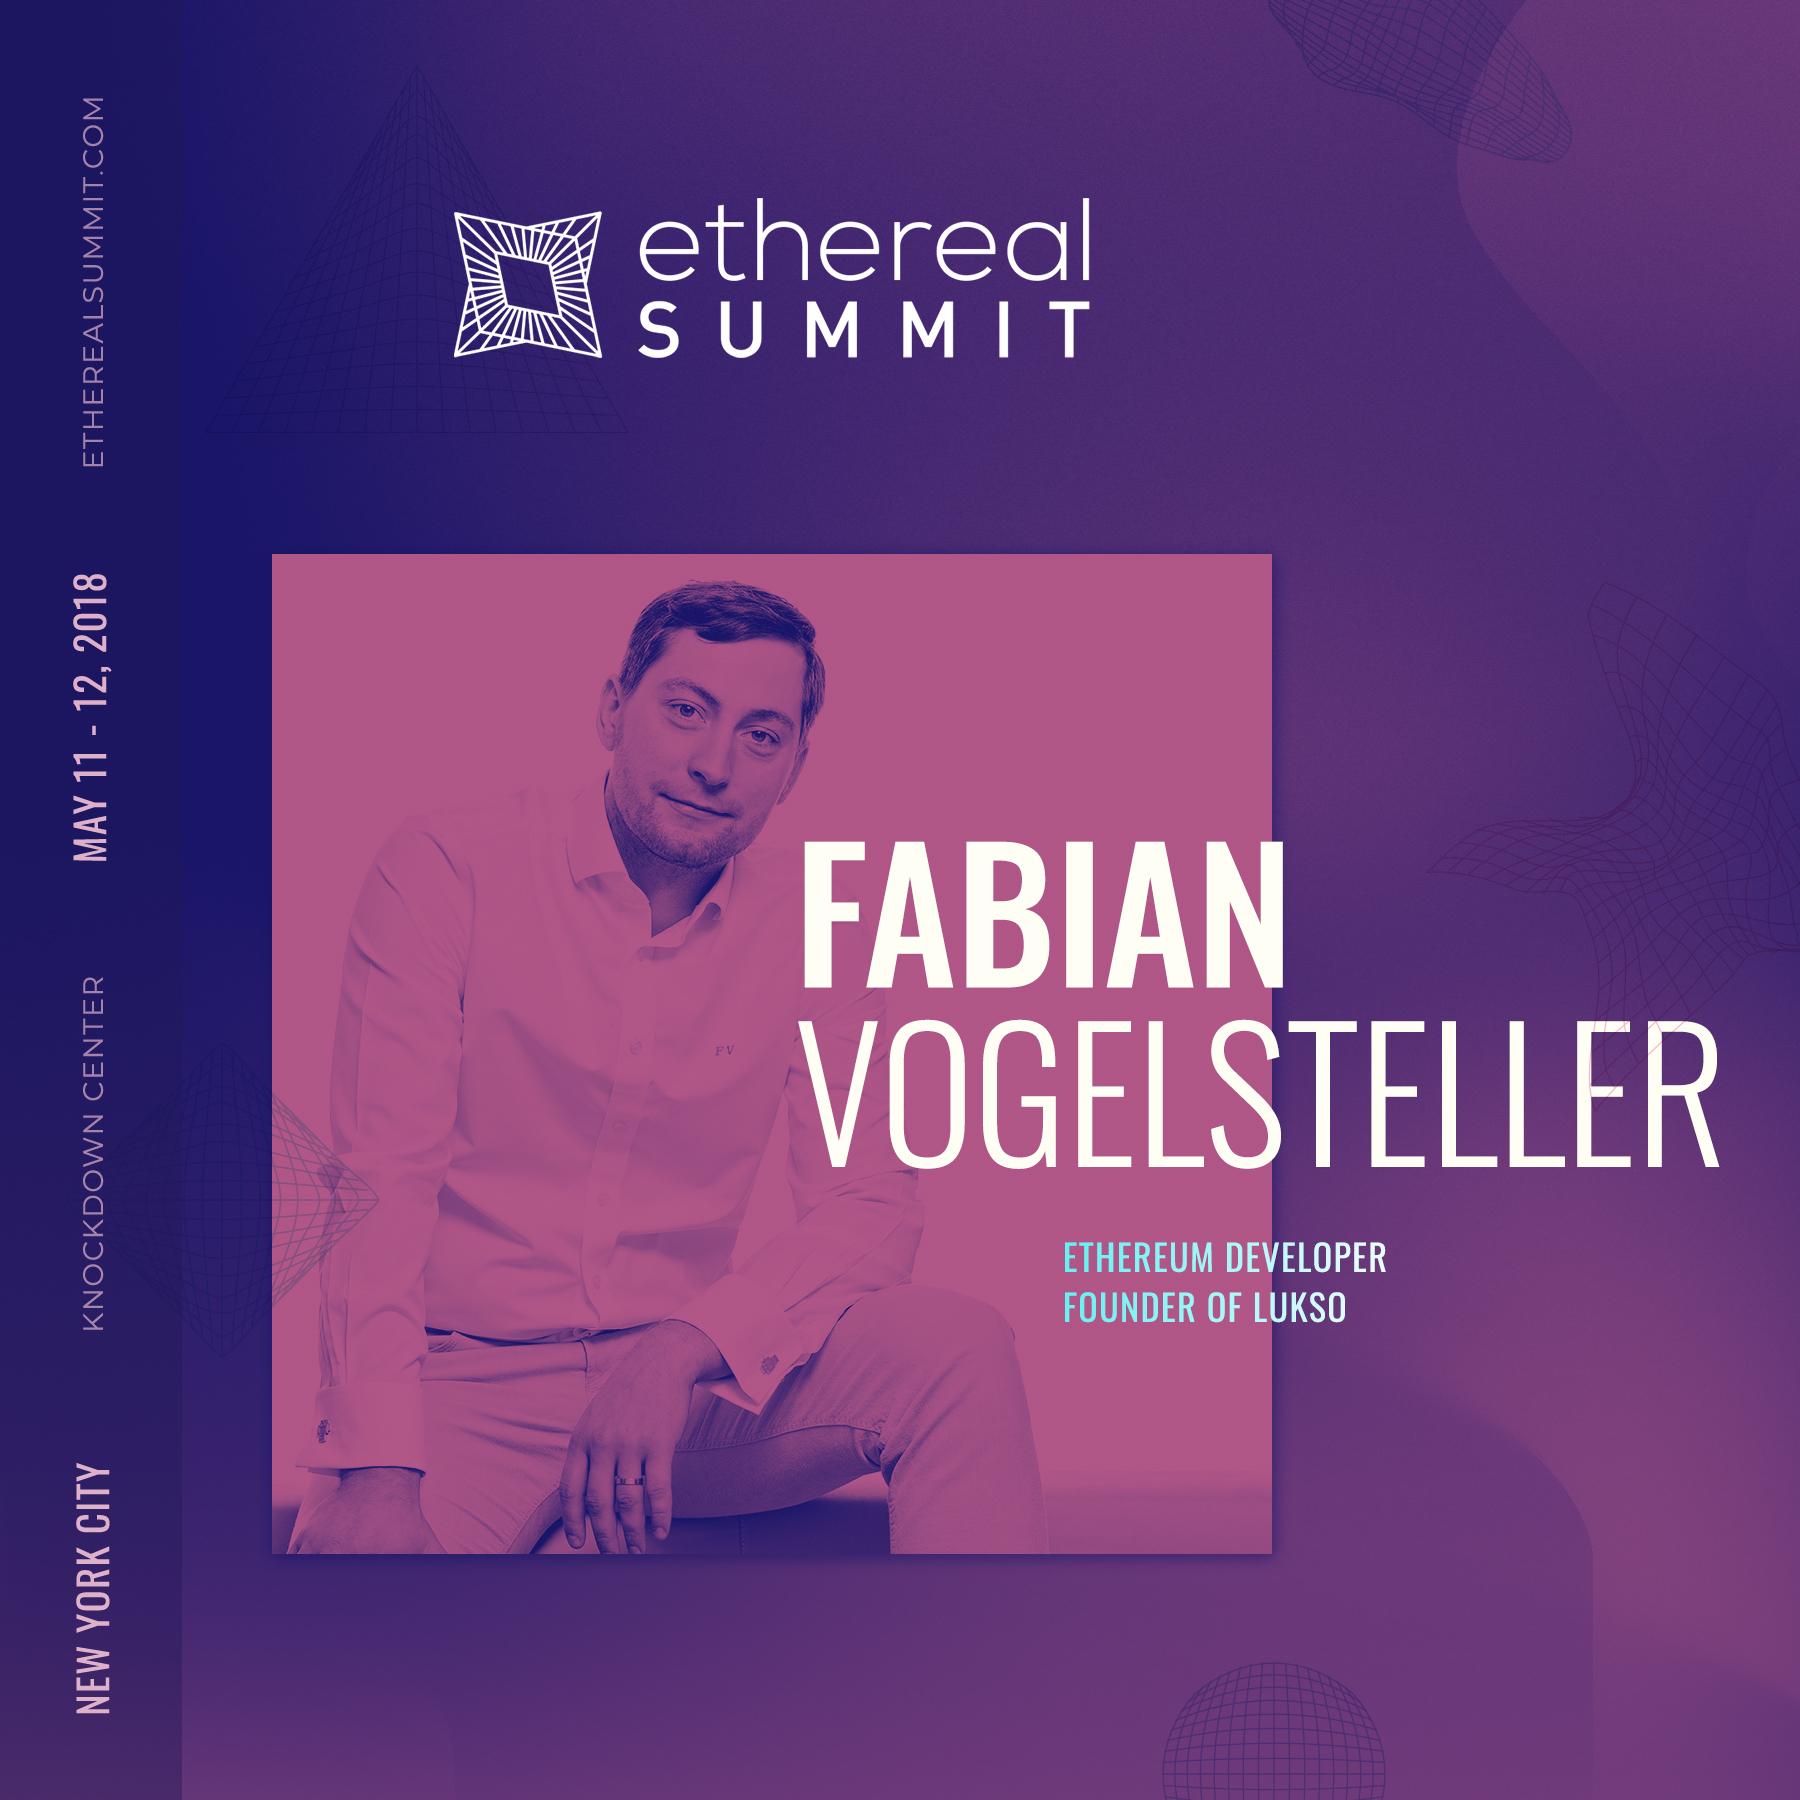 Fabian Volgesteller